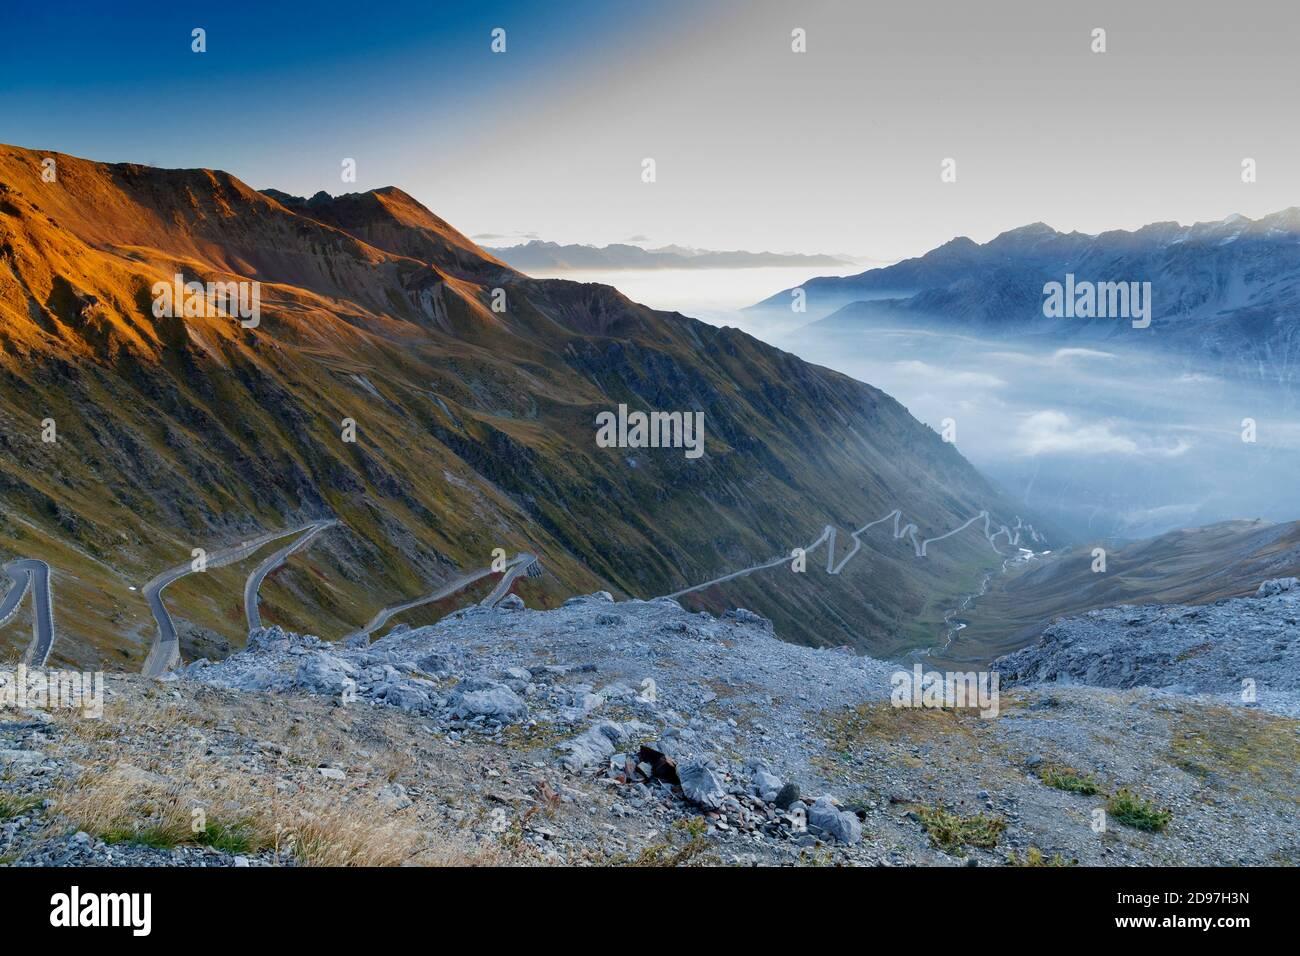 Passo dello Stelvio con montagne innevate e una strada tortuosa nella valle, Trentino-Alto Adige, Italia Foto Stock